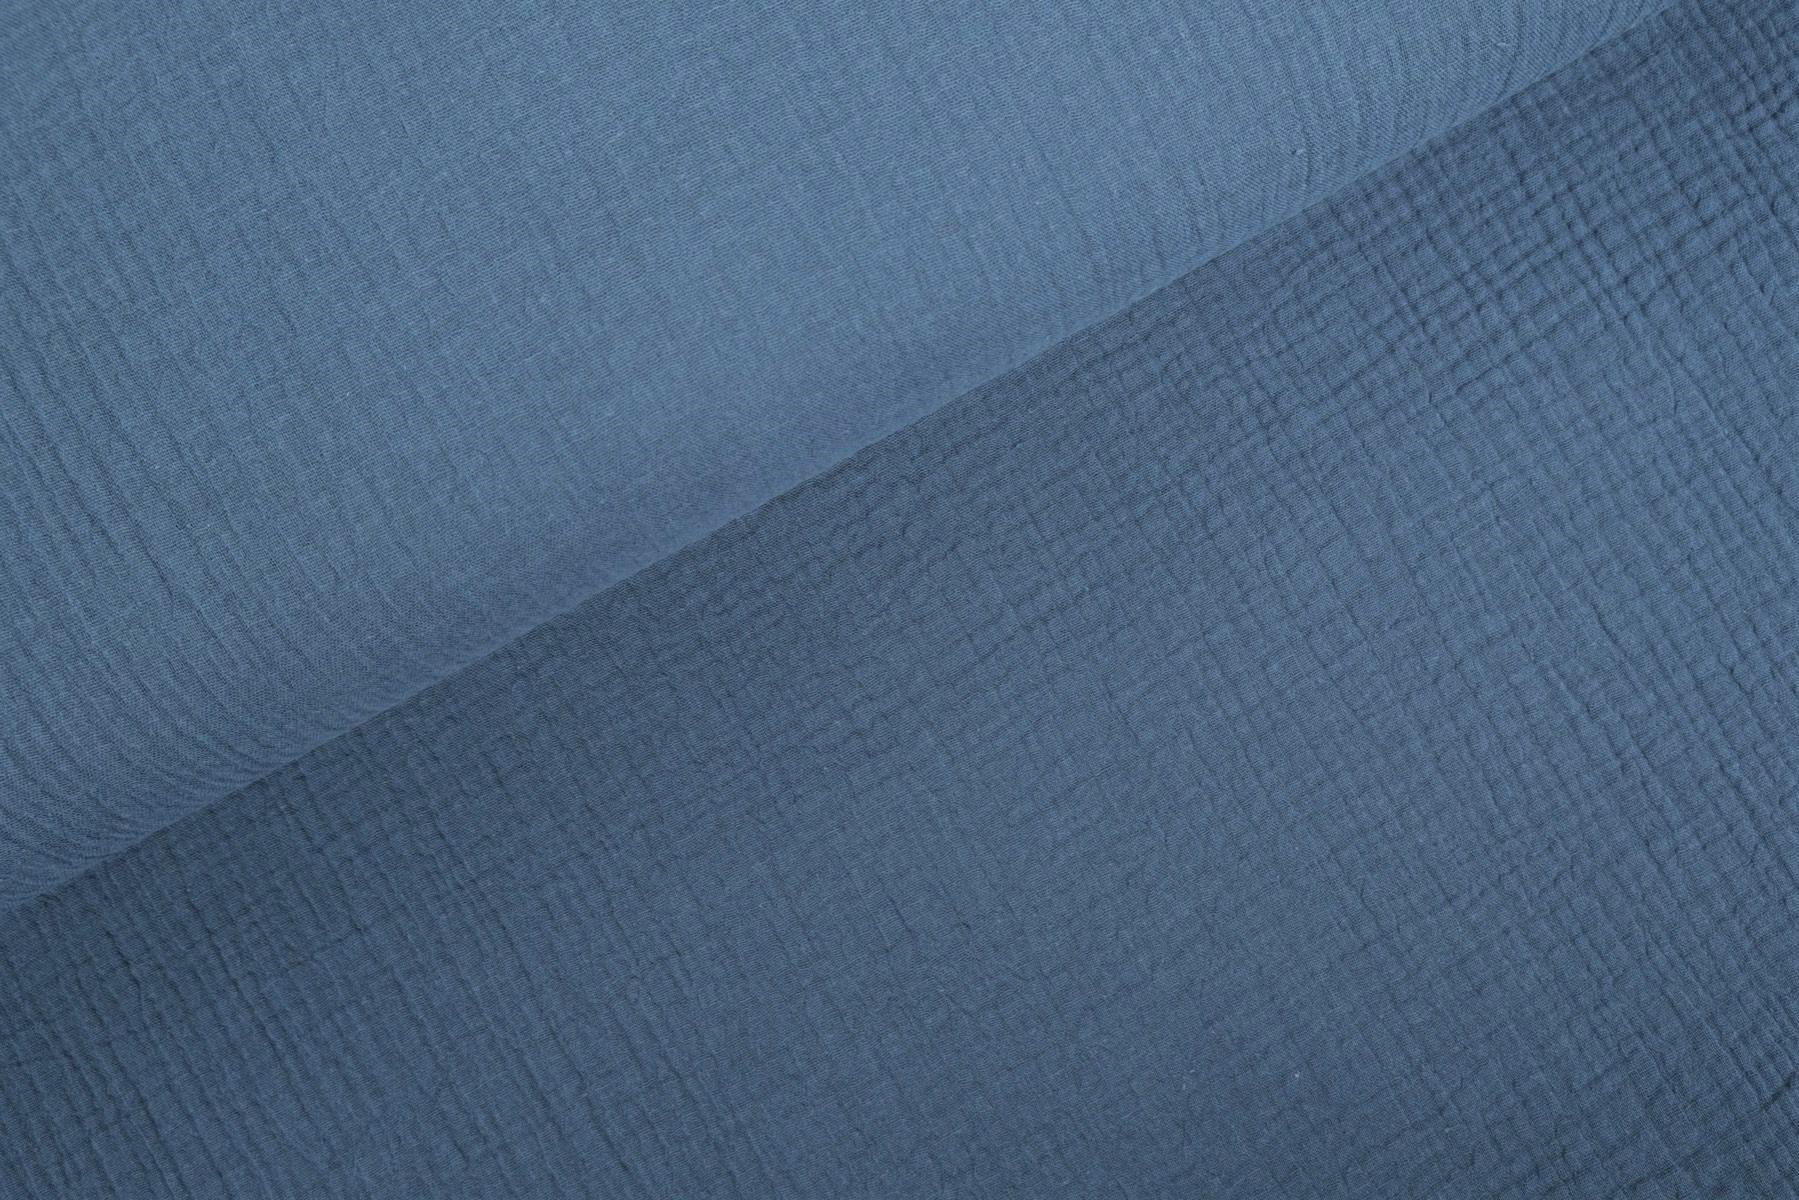 Double Gauze / Musselin uni new jeans